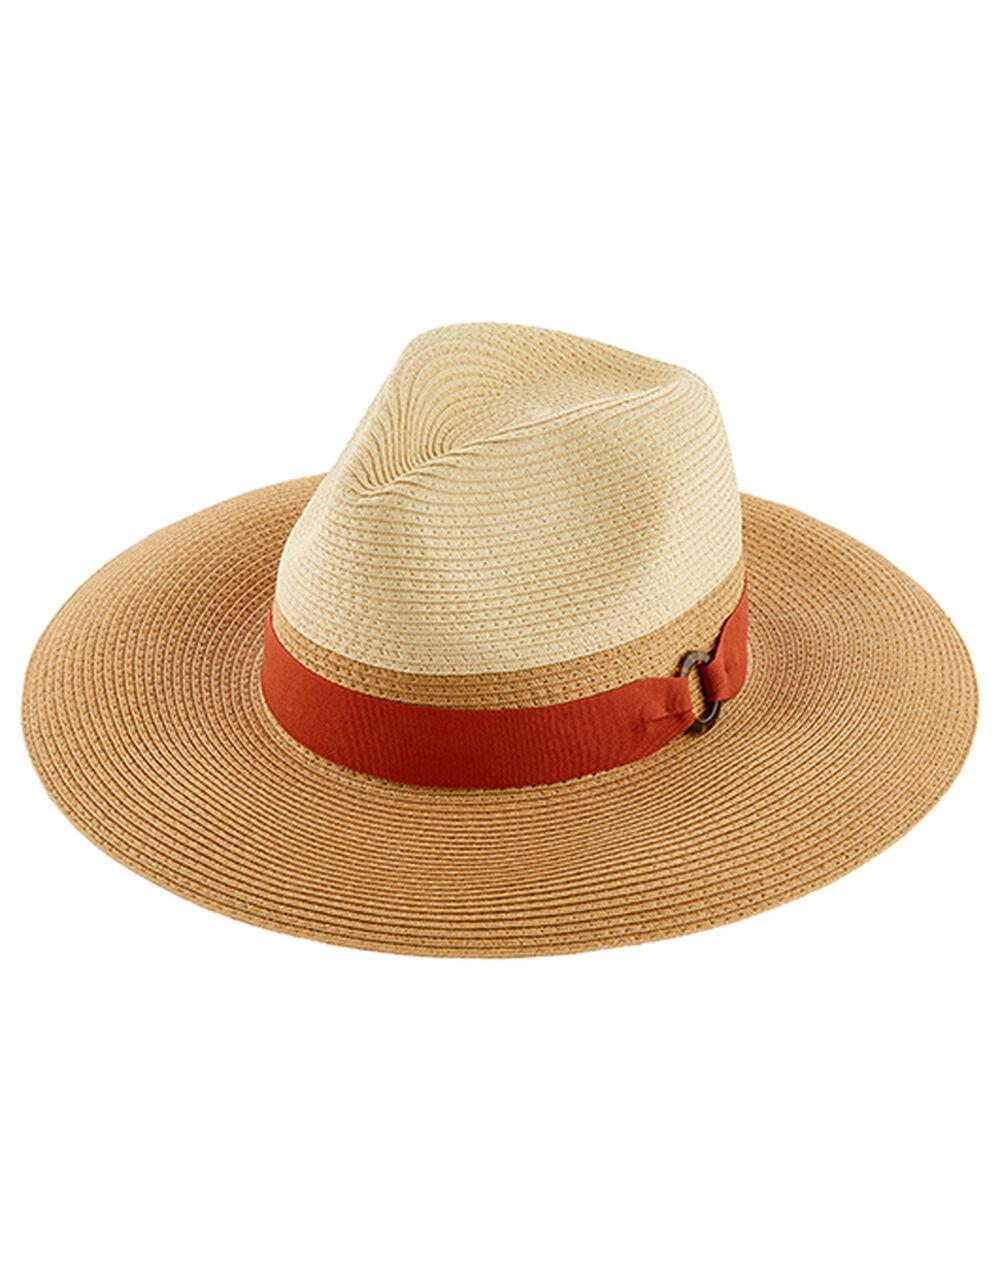 Natural Braided Fedora Hat, Natural (NATURAL), large